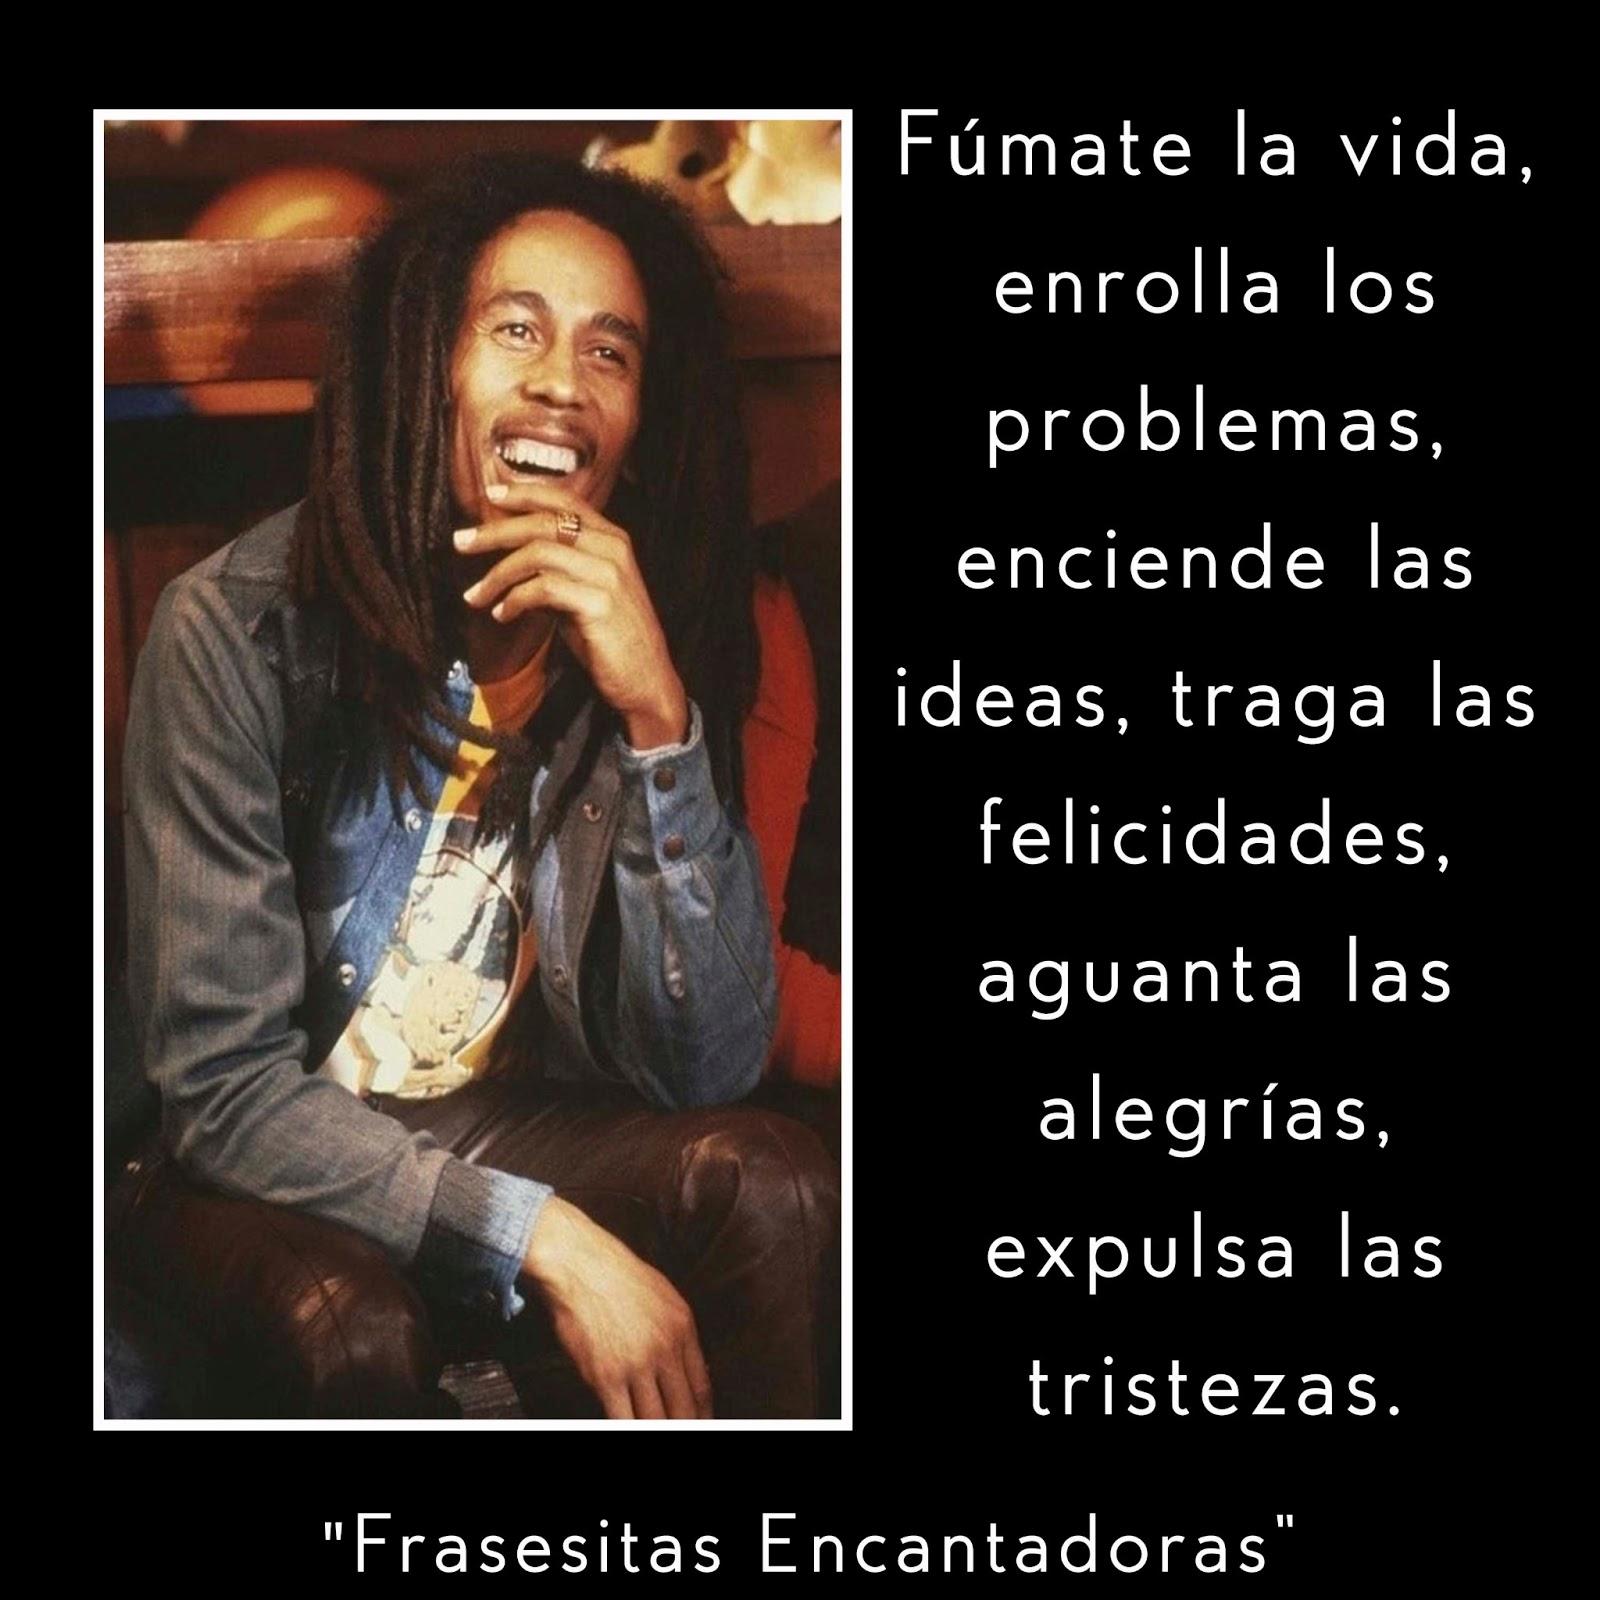 Frasesitas Encantadoras Envía Frases De Bob Marley 2013